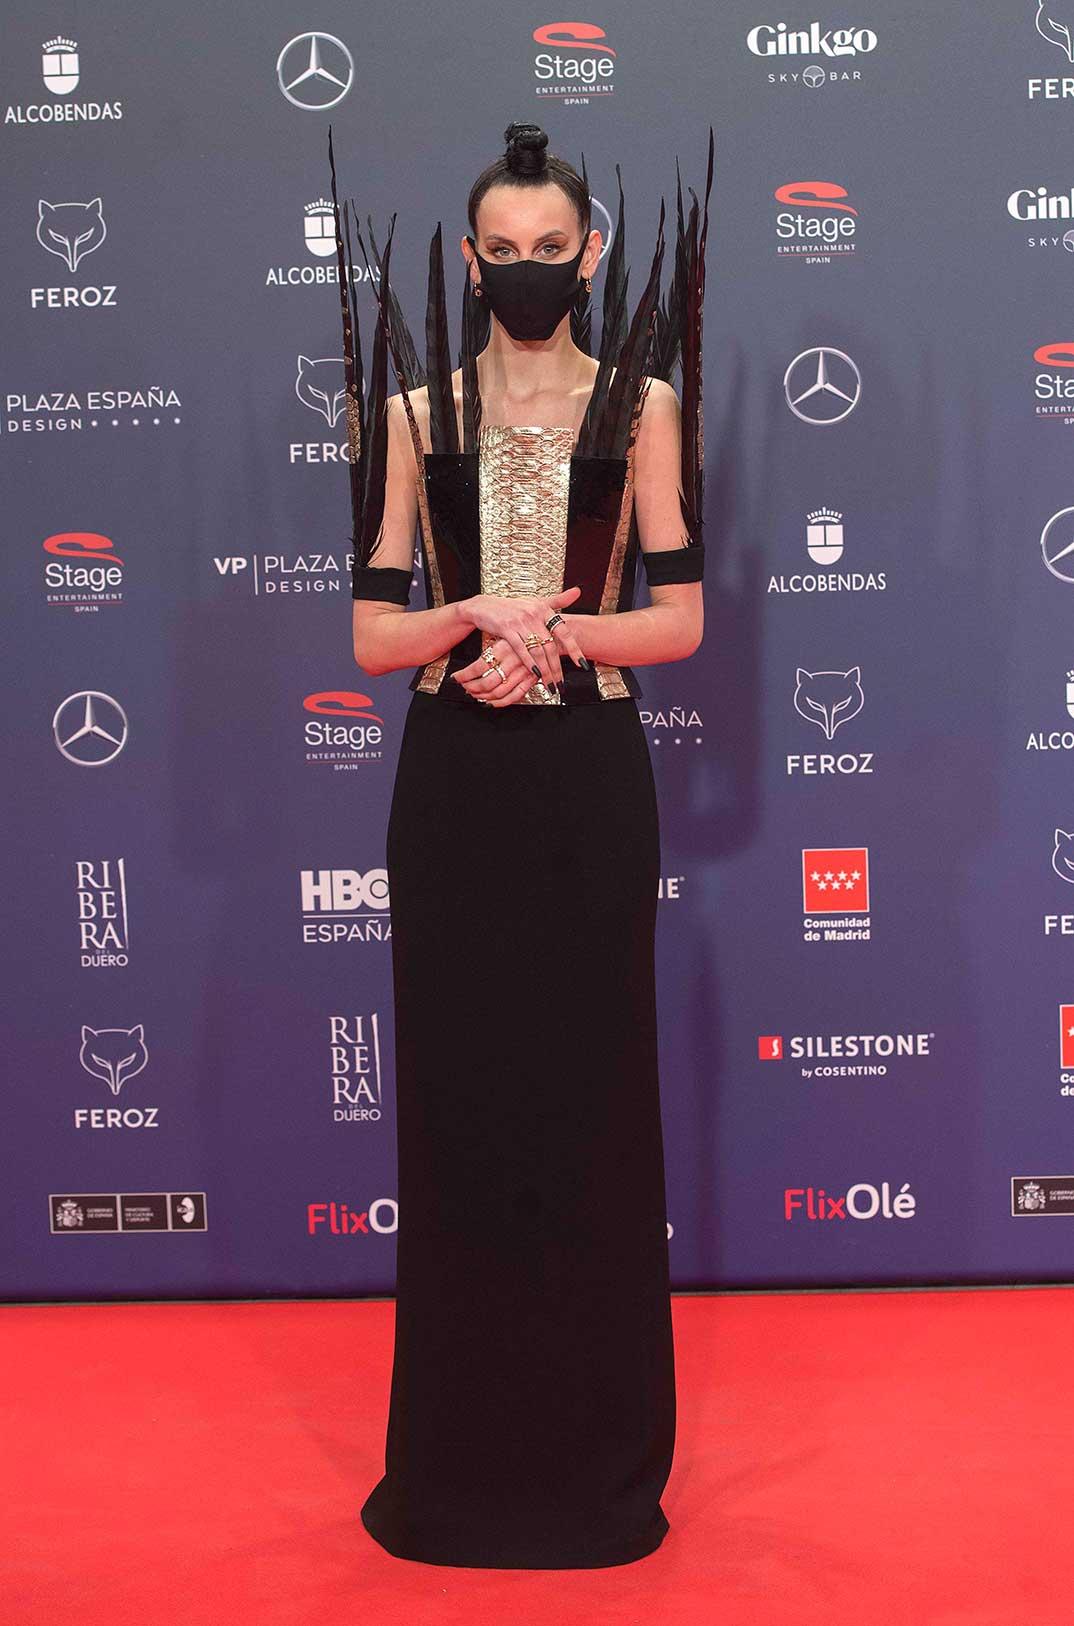 Milena Smit © Premios Feroz/Alberto Ortega